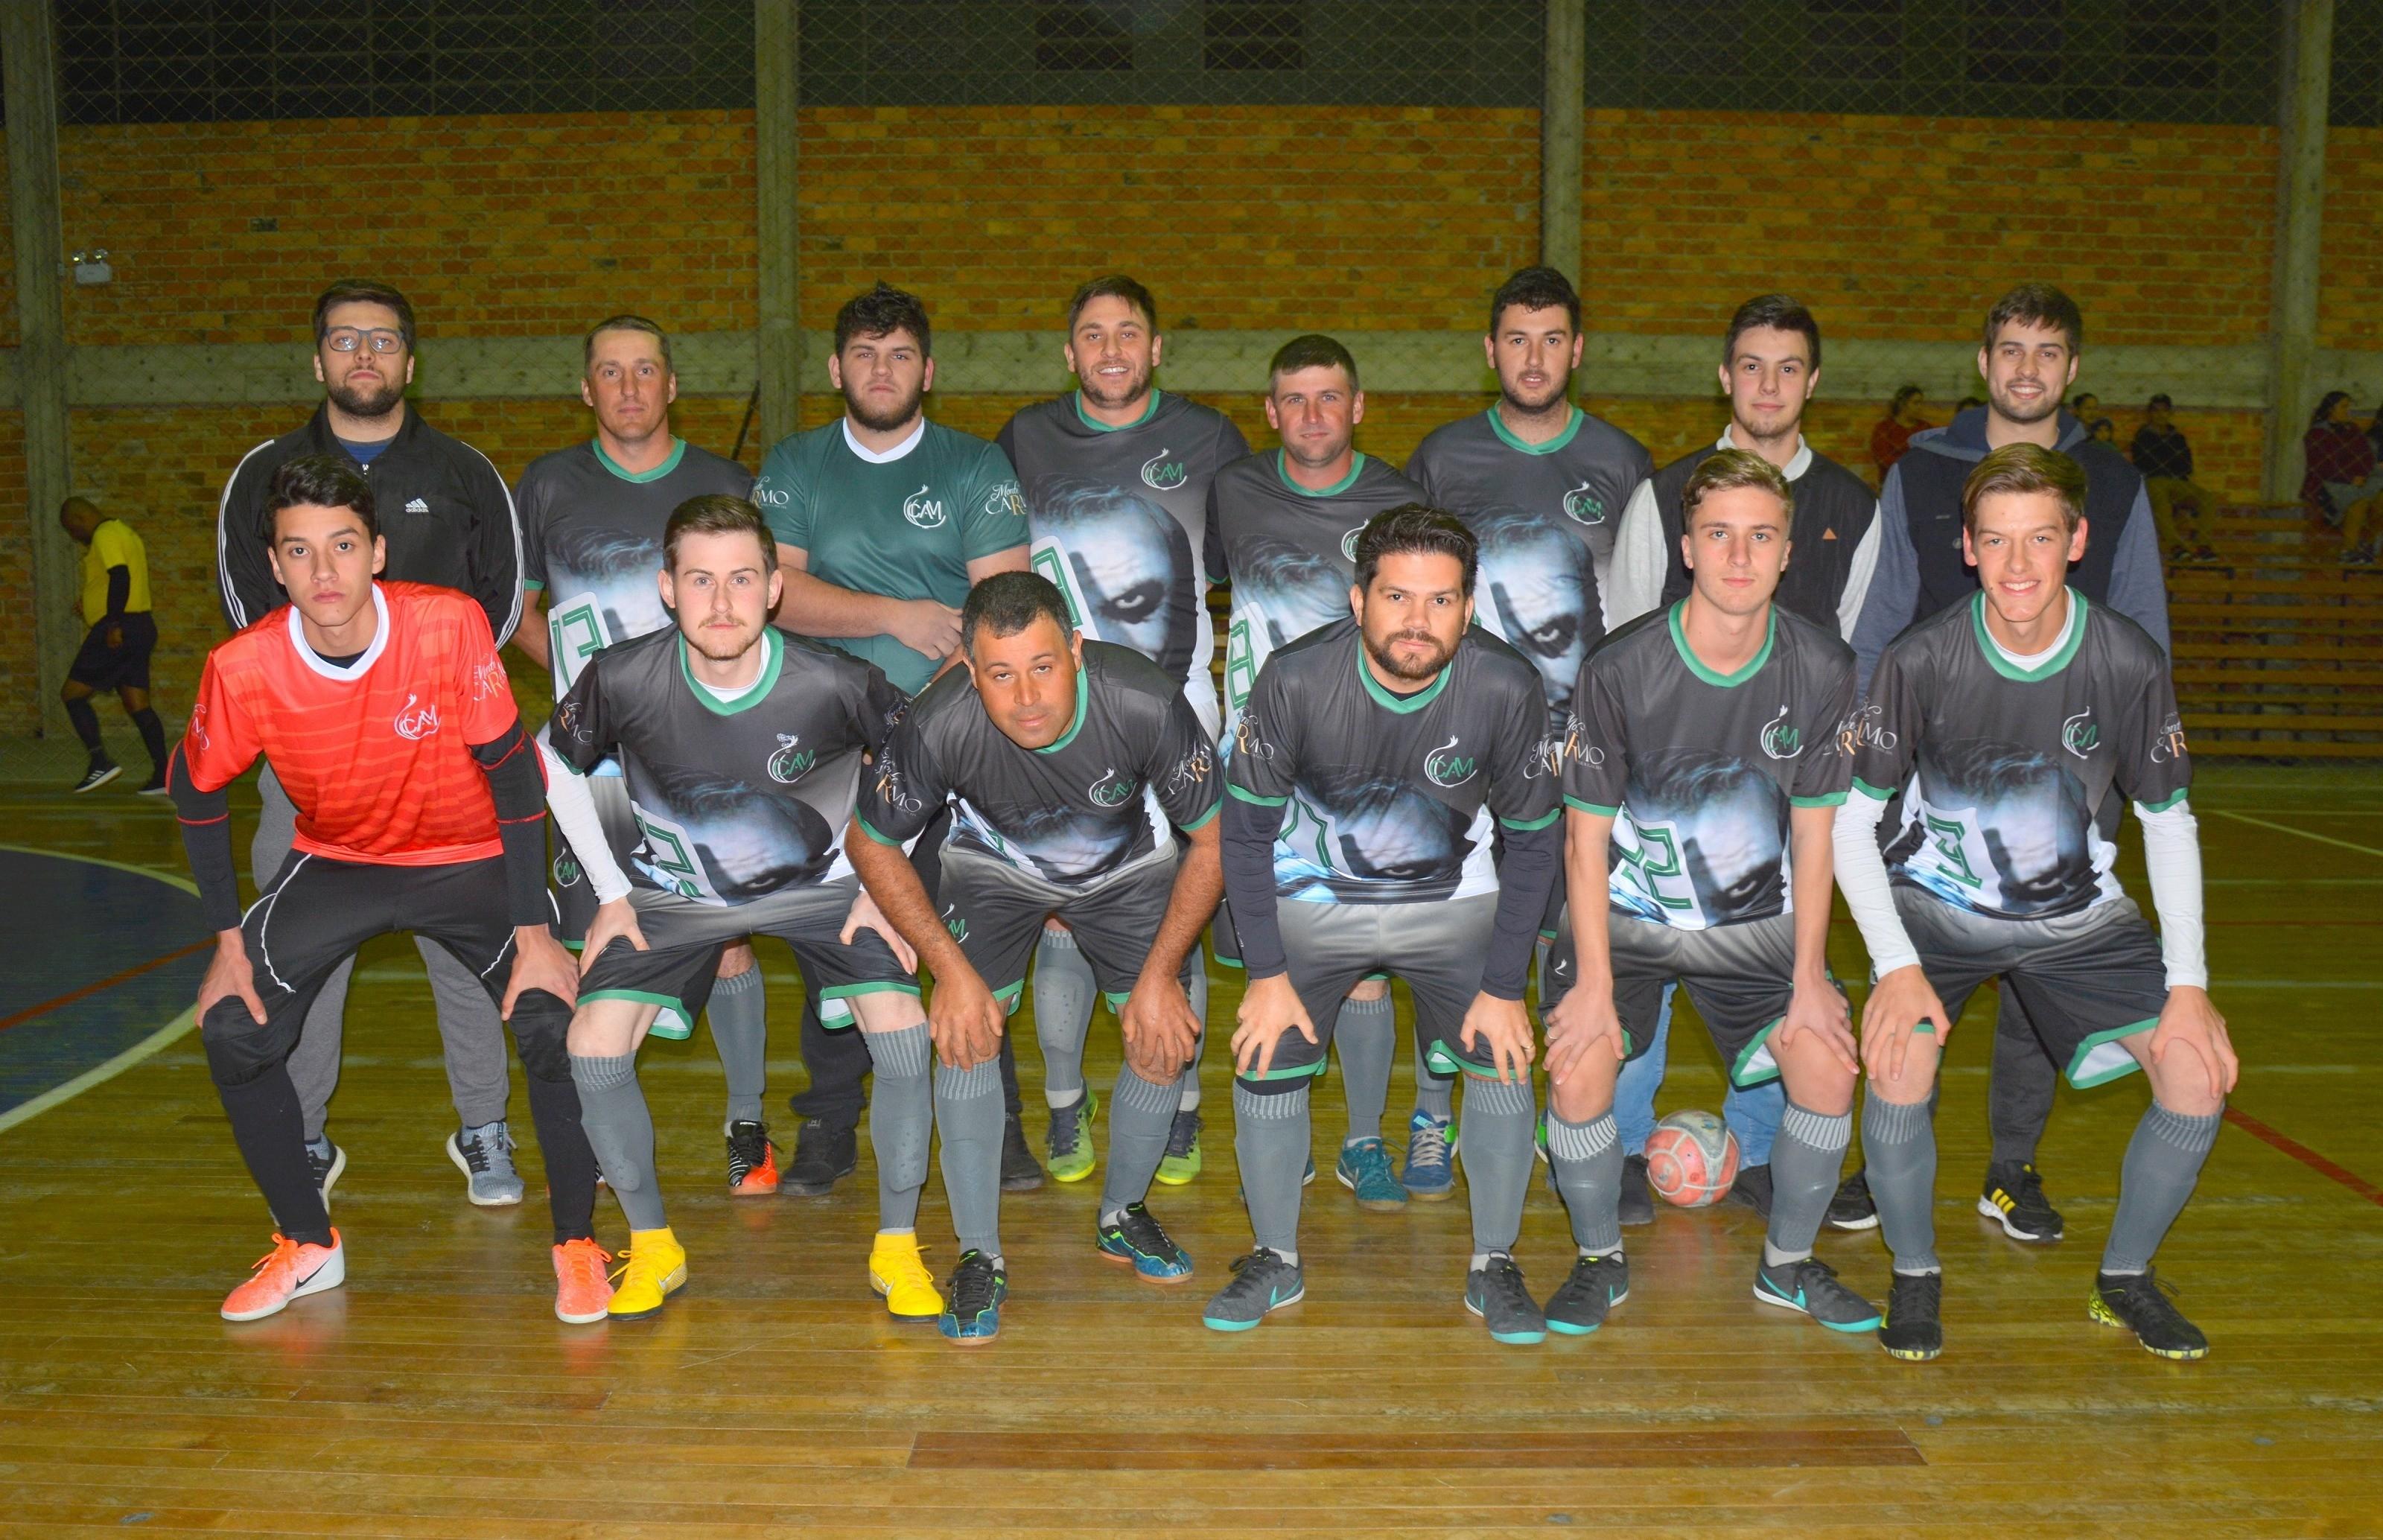 C.A.M F.C vence o terceiro jogo seguido e lidera o futsal de Nova Pádua